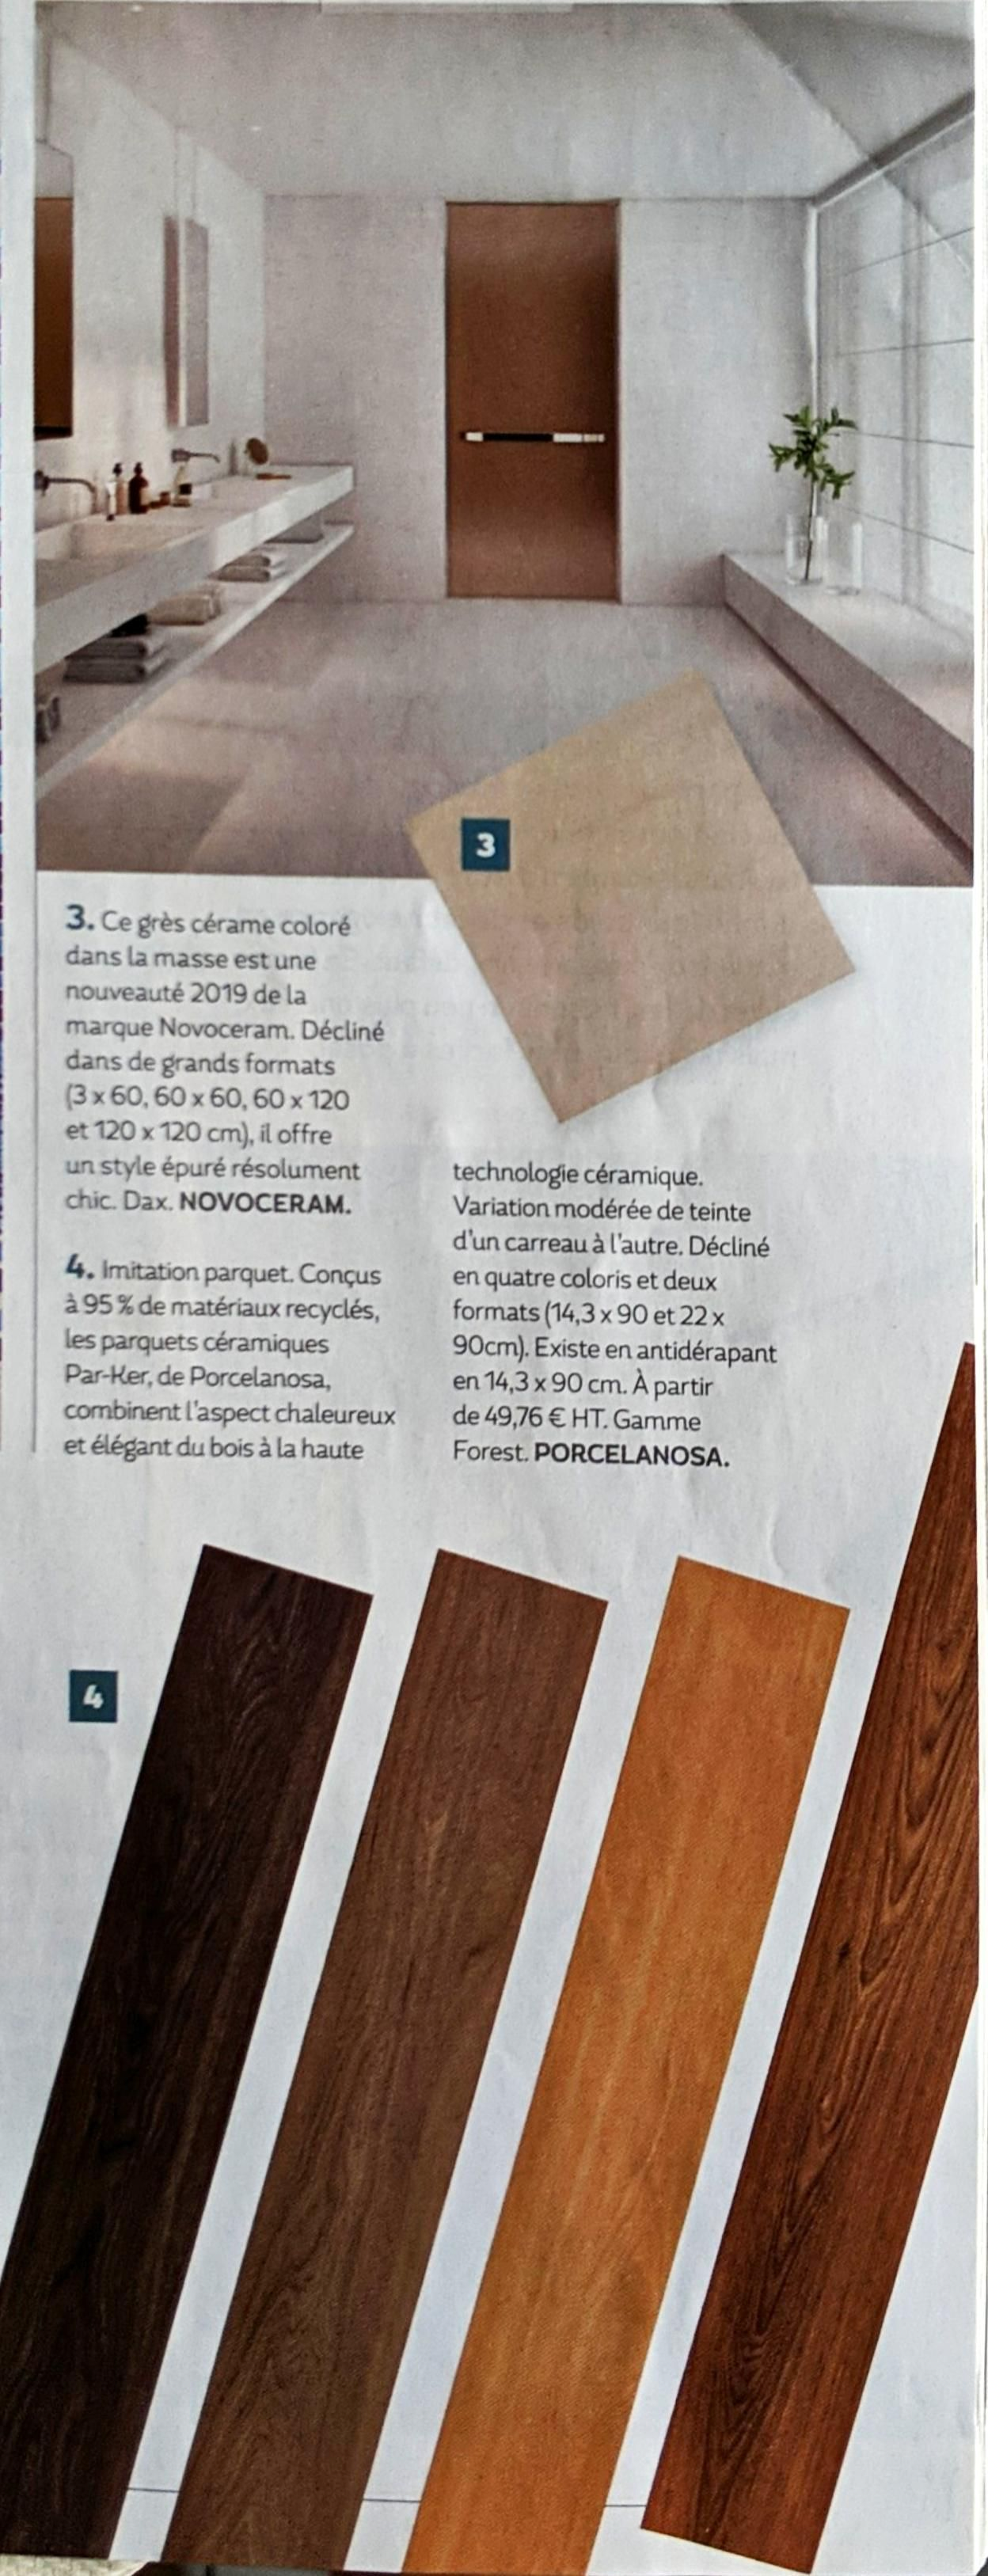 Epingle Par Damien Wirth Sur Idees Meubles Deco En 2020 Meuble Deco Mobilier De Salon Deco